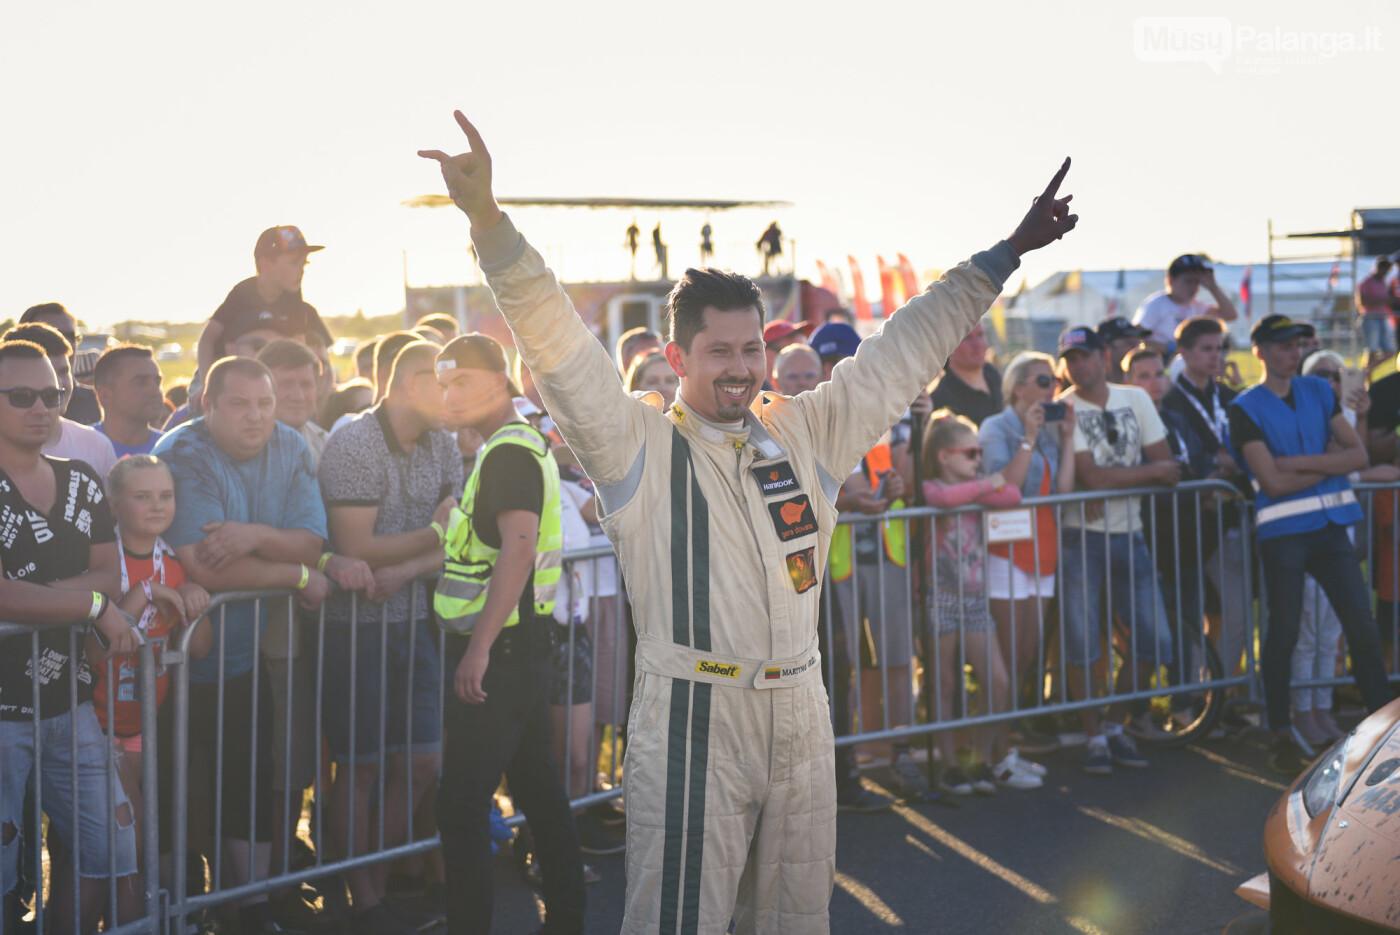 """Jubiliejinėse ilgų nuotolių lenktynėse ryškiausiai švietė """"Circle K milesPlus Racing Team""""  žvaigždė, nuotrauka-40"""